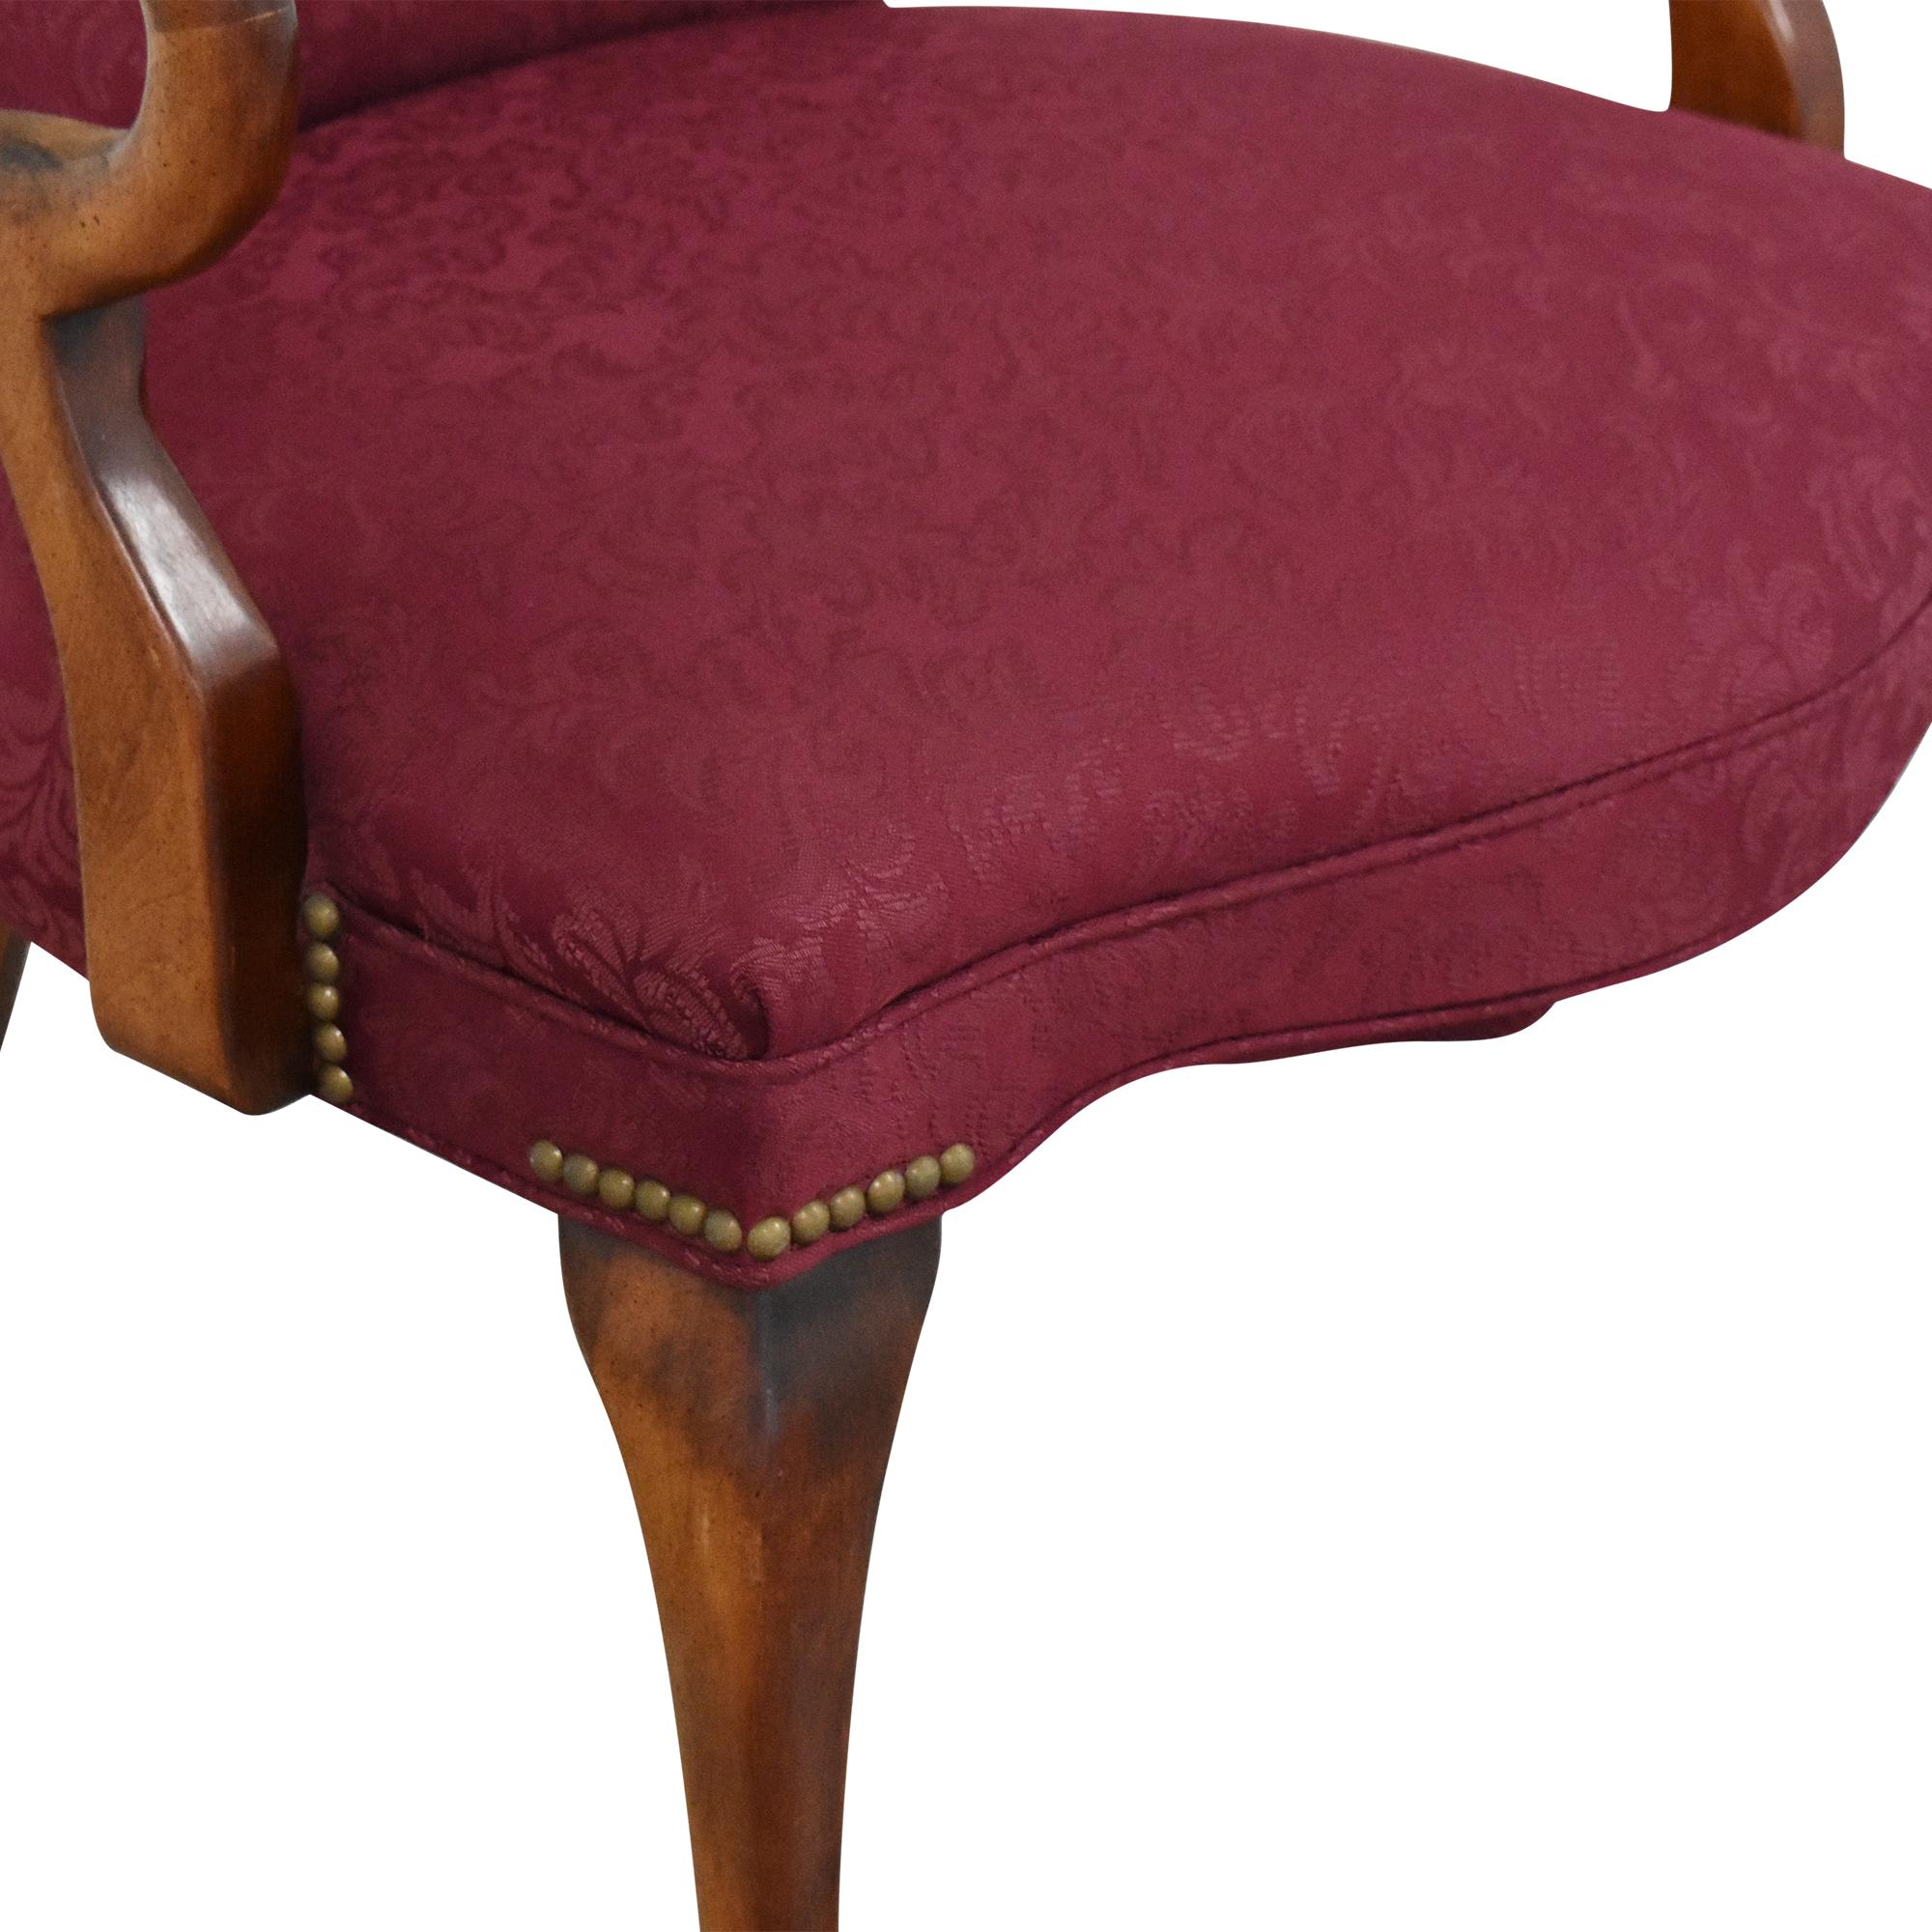 Ethan Allen Ethan Allen Accent Chair second hand